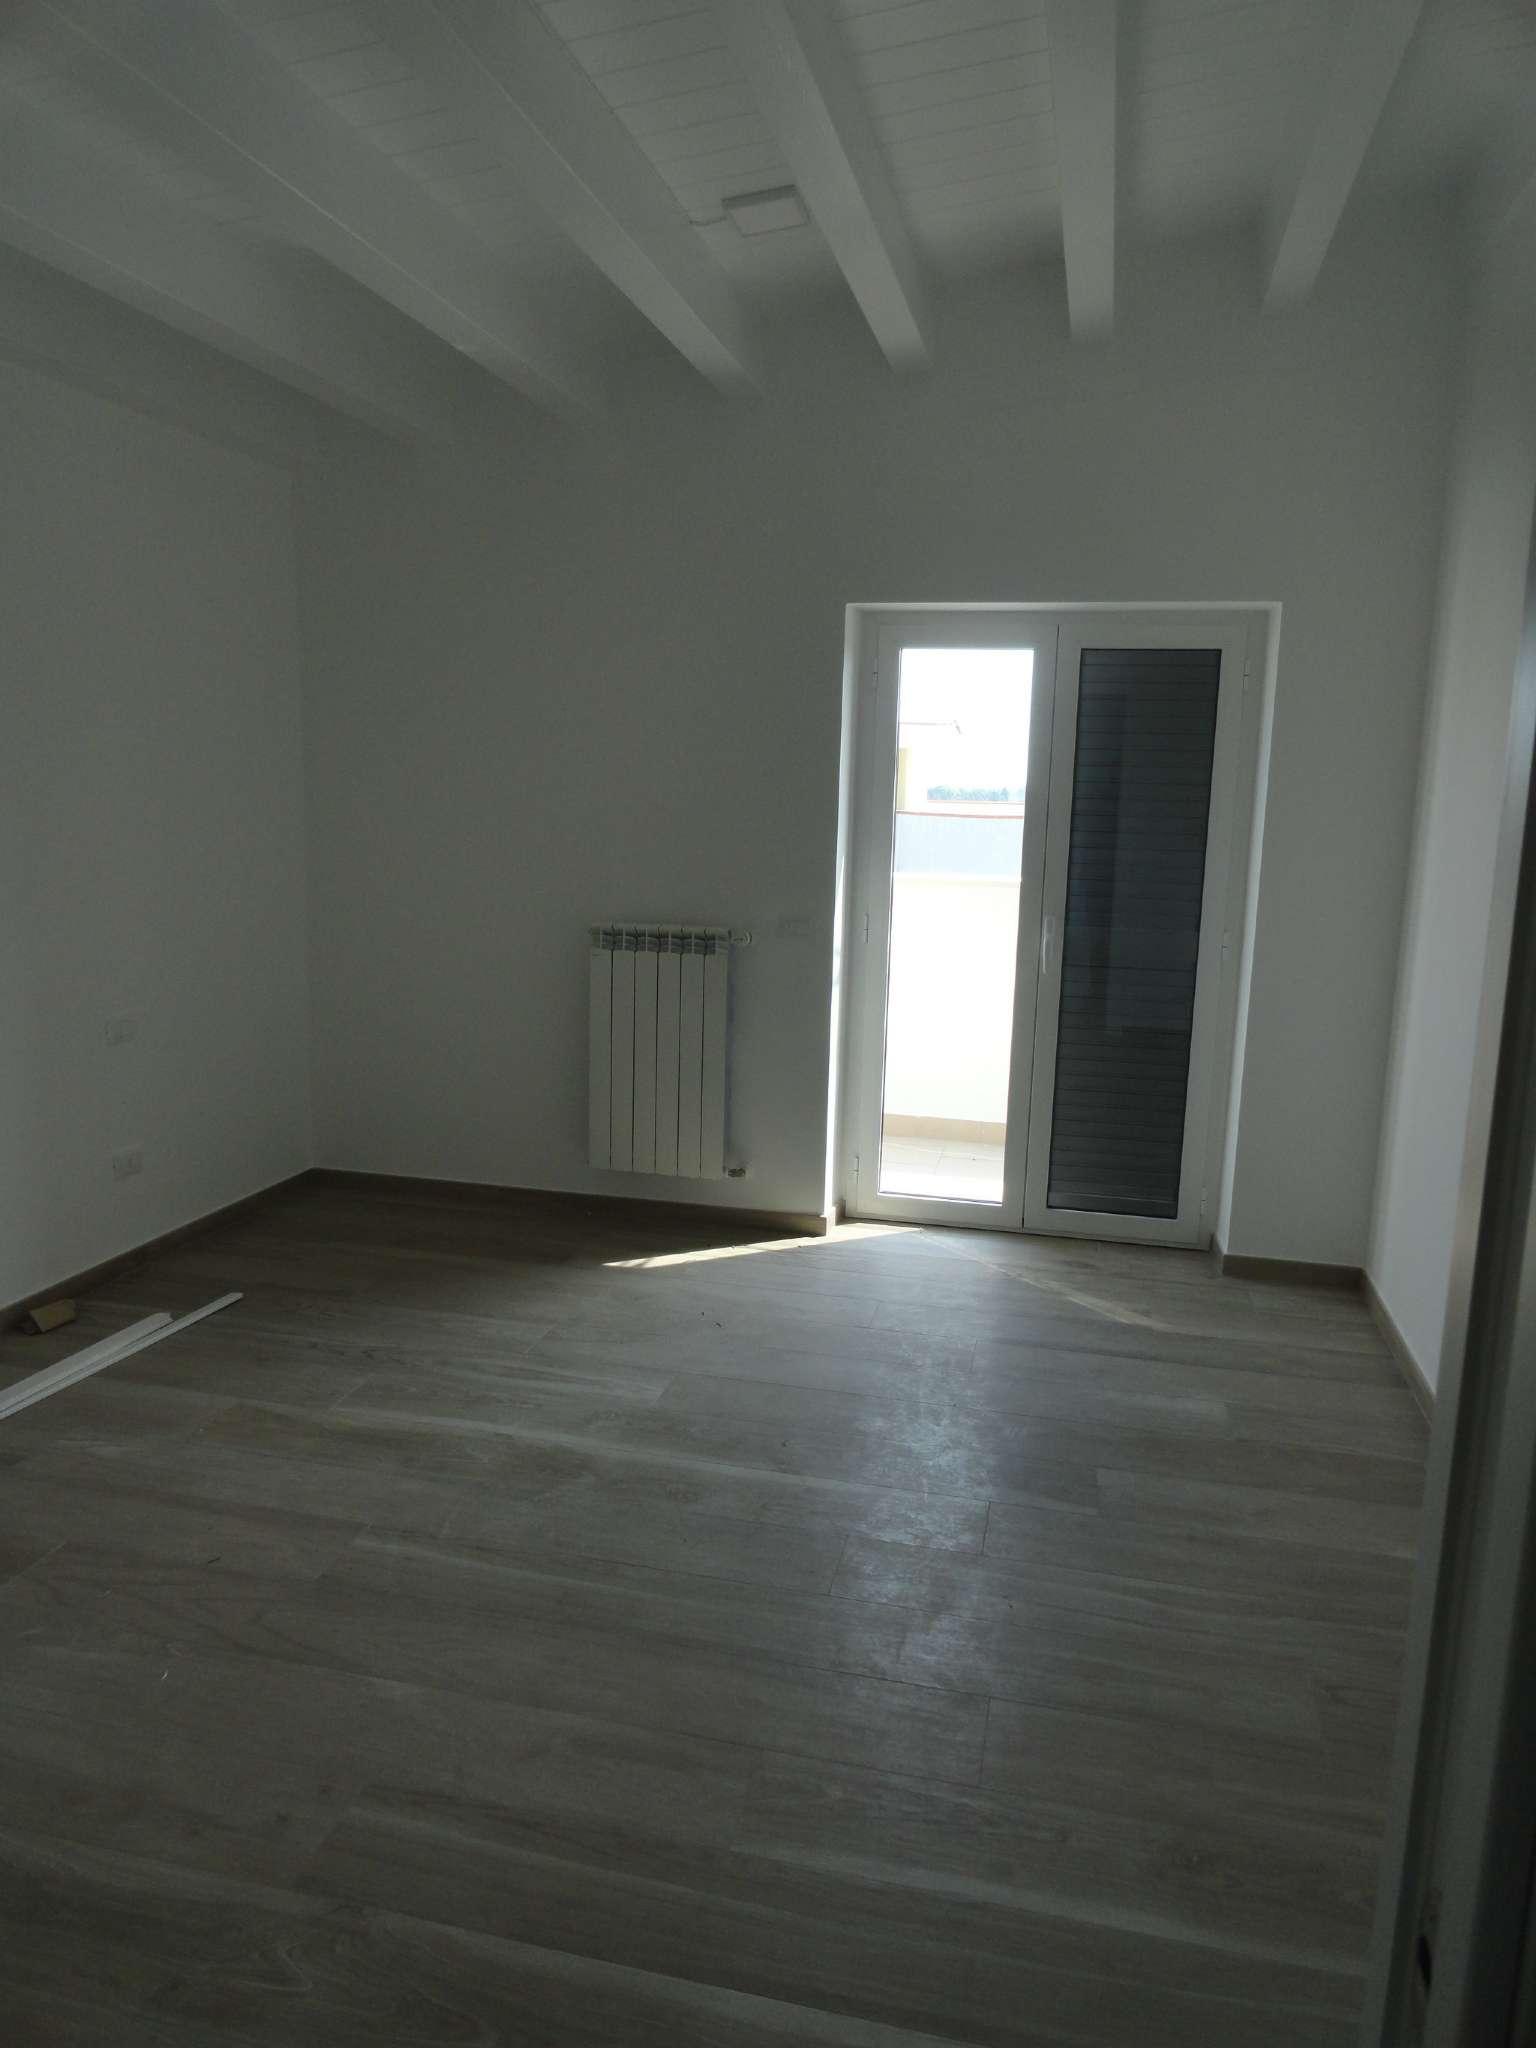 Attico / Mansarda in affitto a Andria, 9999 locali, prezzo € 450 | Cambio Casa.it